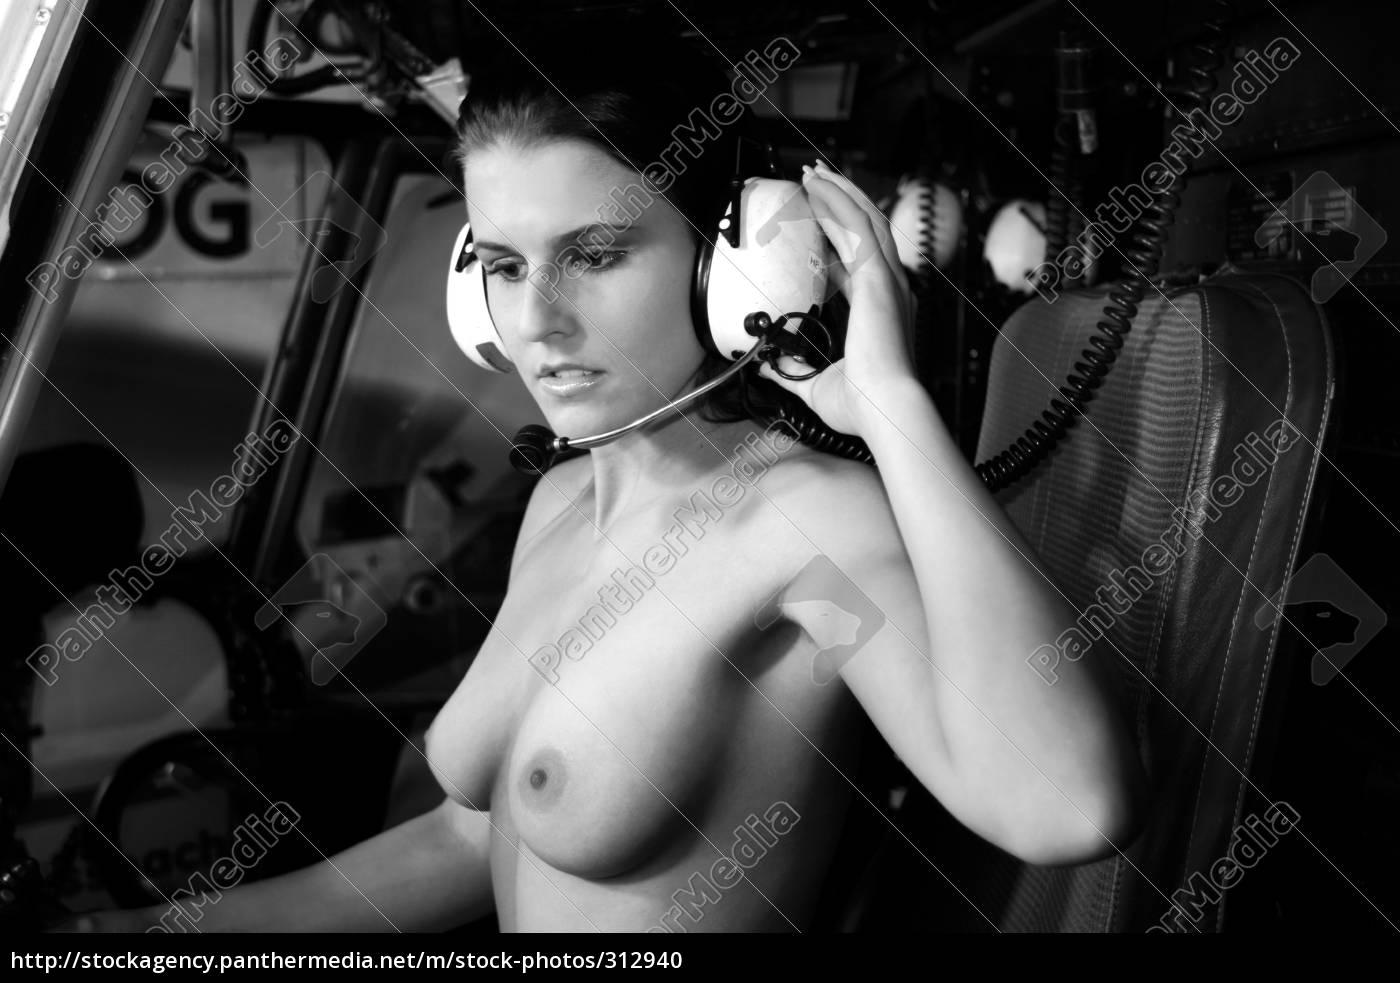 akt, on, air - 312940